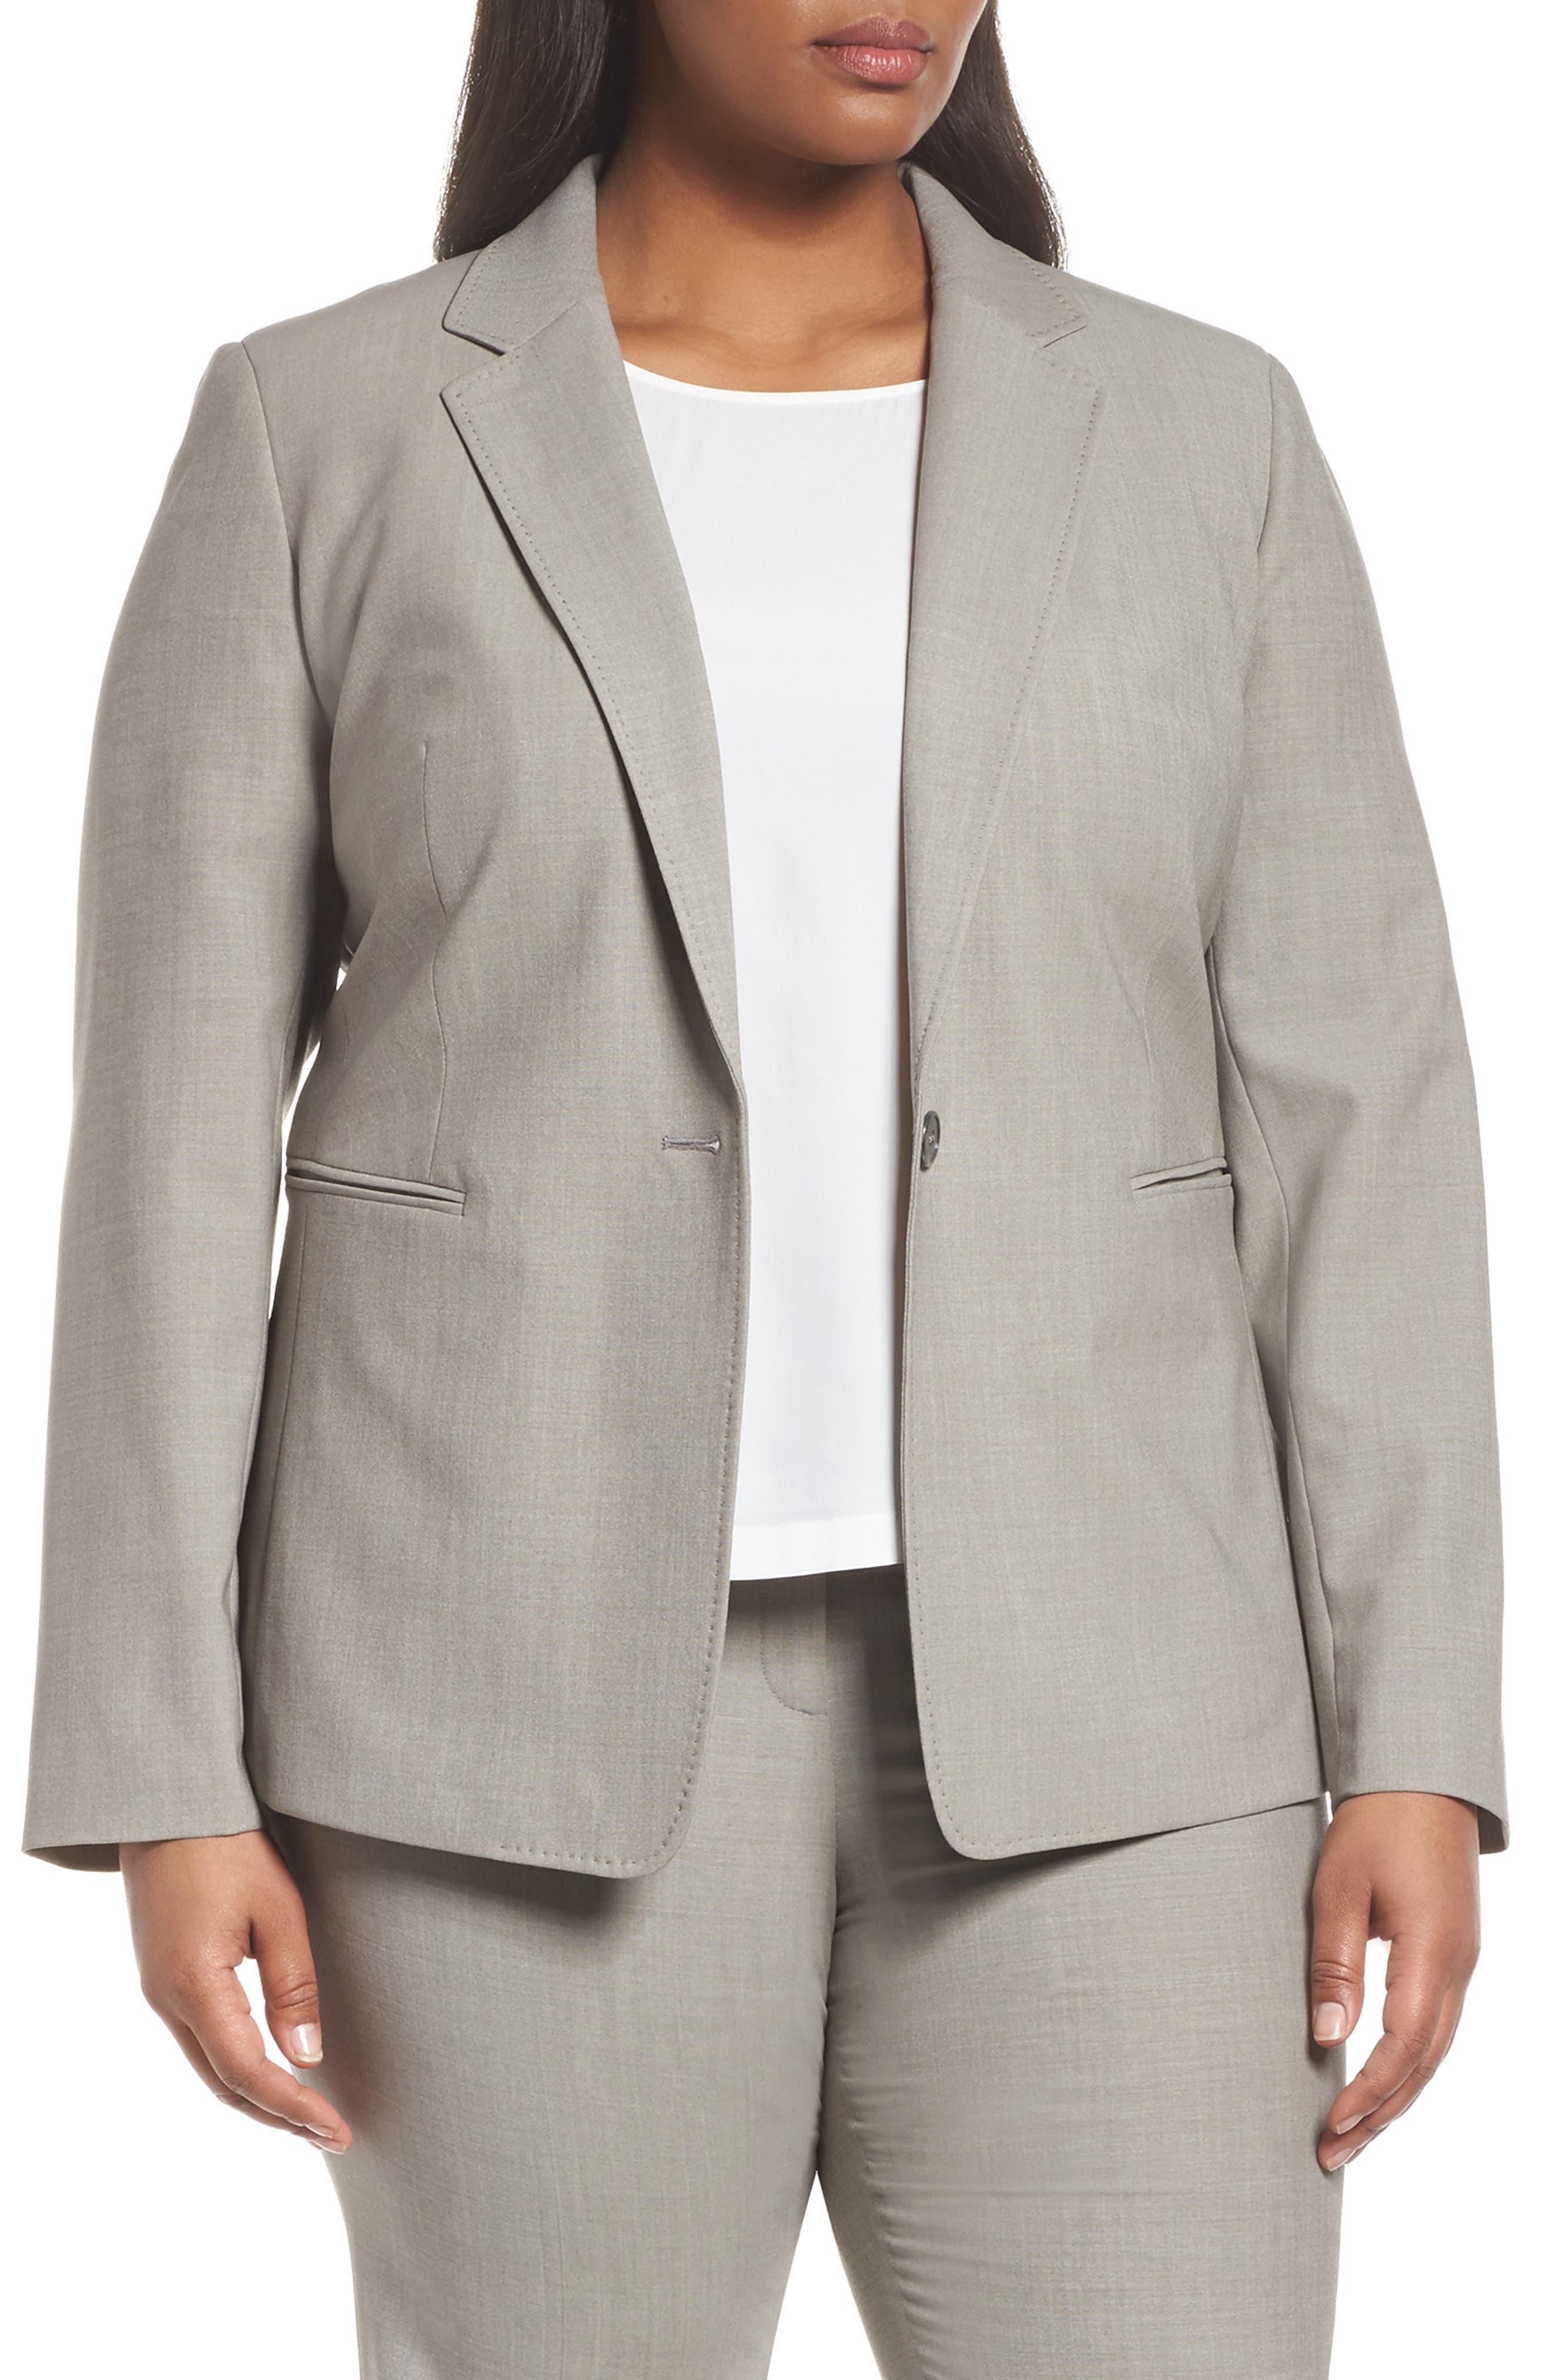 Lyndon Stretch Wool Blazer,                         Main,                         color, 021